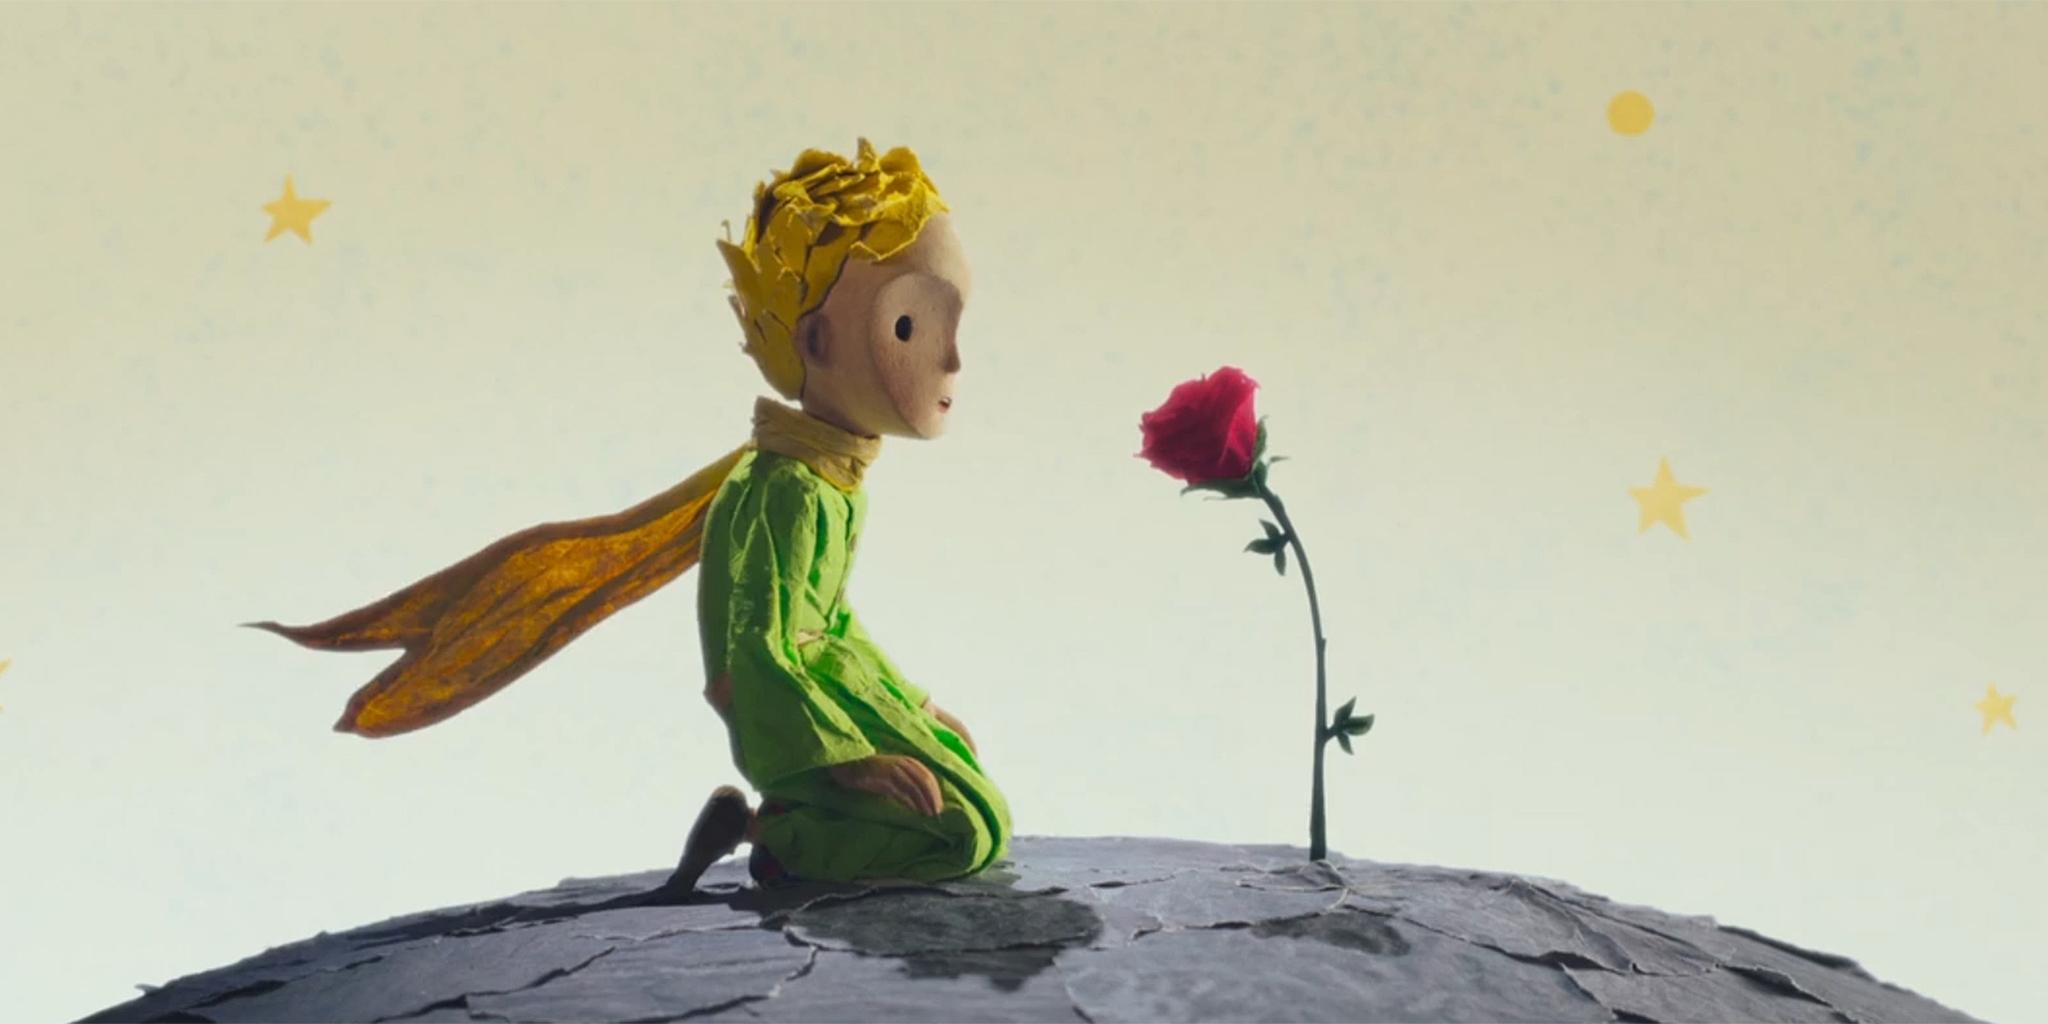 فكرة رواية الأمير الصغير